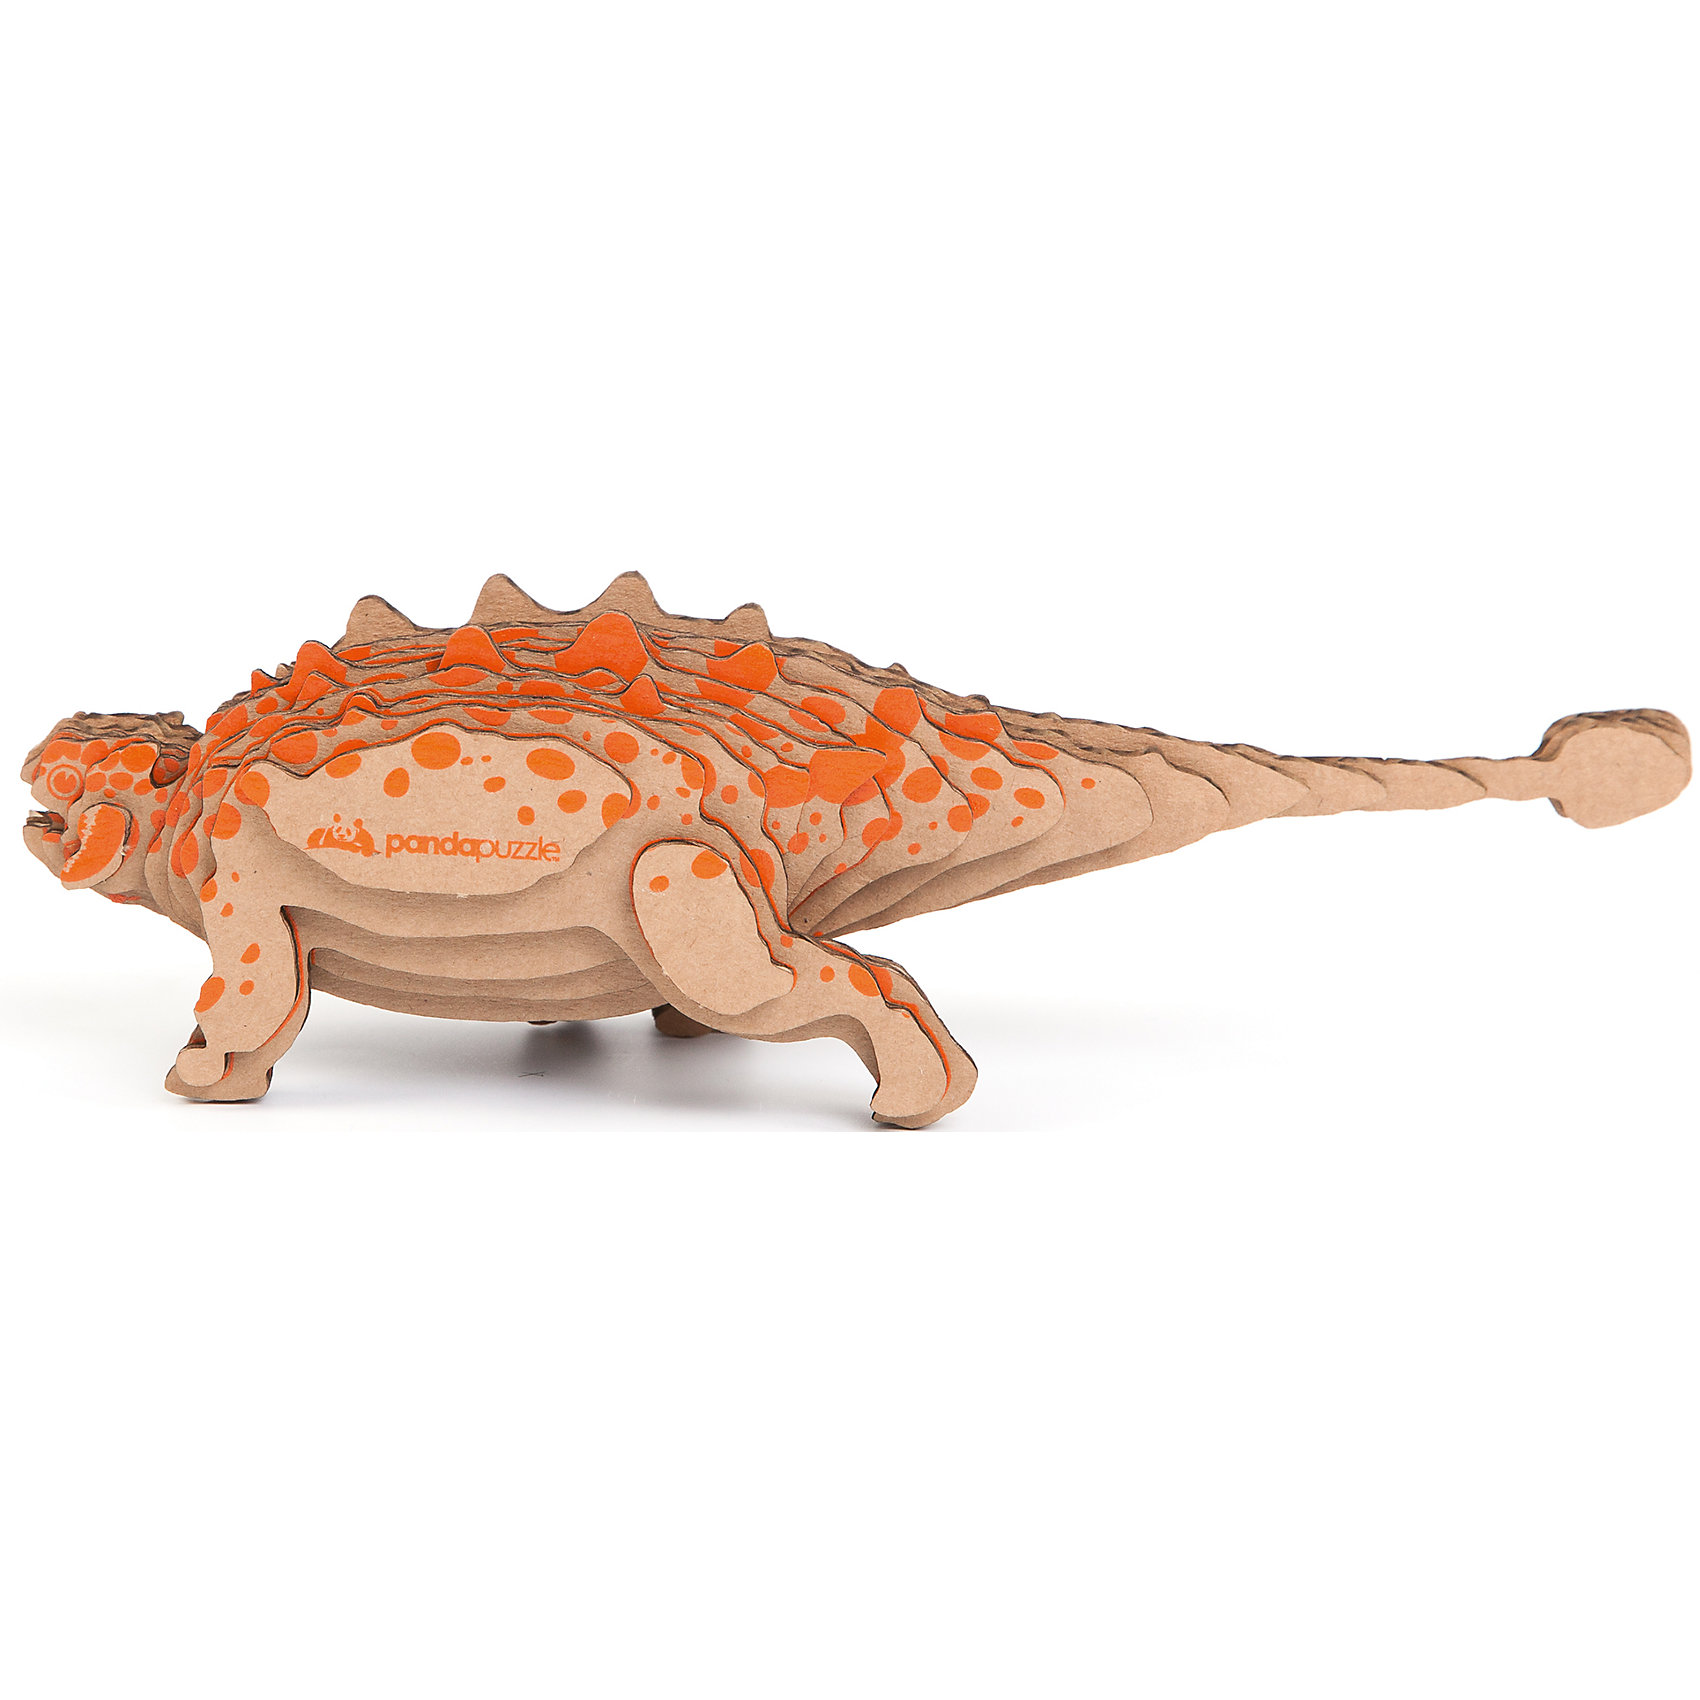 3D-Пазл «Анкилозавр», PandaPuzzle3D-Пазл «Анкилозавр», PandaPuzzle ? головоломка от отечественного торгового бренда, который специализируется на выпуске трехмерных пазлов разной тематики. Все пазлы от PandaPuzzle выполнены из экологически безопасных материалов, имеют продуманный и реалистичный дизайн моделей. Выполненные из гофрокартона детали пазла отличаются легким весом и высокими физическими качествами: плотностью и жесткостью. Модель собирается в технике объемного квиллинга, что подразумевает склеивание деталей пазла между собой.  Собирая модели в данной технике, у ребенка развивается логическое мышление и мелкая моторика рук, тренируется зрительная память и внимательность. В каждый набор входит клей для склеивания деталей и инструкция по сбору модели. <br>3D-Пазл «Анкилозавр», PandaPuzzle упакован в стилизованную картонную коробку.<br><br>Дополнительная информация:<br><br>- Вид игр: игры-головоломки, сюжетно-ролевые<br>- Предназначение: для дома, для развивающих центров, для центров дополнительного образования<br>- Материал: гофрокартон<br>- Комплектация: 25 деталей, клей, инструкция<br>- Размер (Д*Ш*В): 11*5*26 см<br>- Вес: 96 г <br>- Пол: для мальчика/для девочки<br>- Особенности ухода: разрешается сухая чистка собранной модели<br><br>Подробнее:<br><br>• Для детей в возрасте: от 5 лет и до 16 лет<br>• Страна производитель: Россия<br>• Торговый бренд: PandaPuzzle<br><br>3D-Пазл «Анкилозавр», PandaPuzzle можно купить в нашем интернет-магазине.<br><br>Ширина мм: 110<br>Глубина мм: 50<br>Высота мм: 260<br>Вес г: 96<br>Возраст от месяцев: 60<br>Возраст до месяцев: 192<br>Пол: Унисекс<br>Возраст: Детский<br>SKU: 4932401